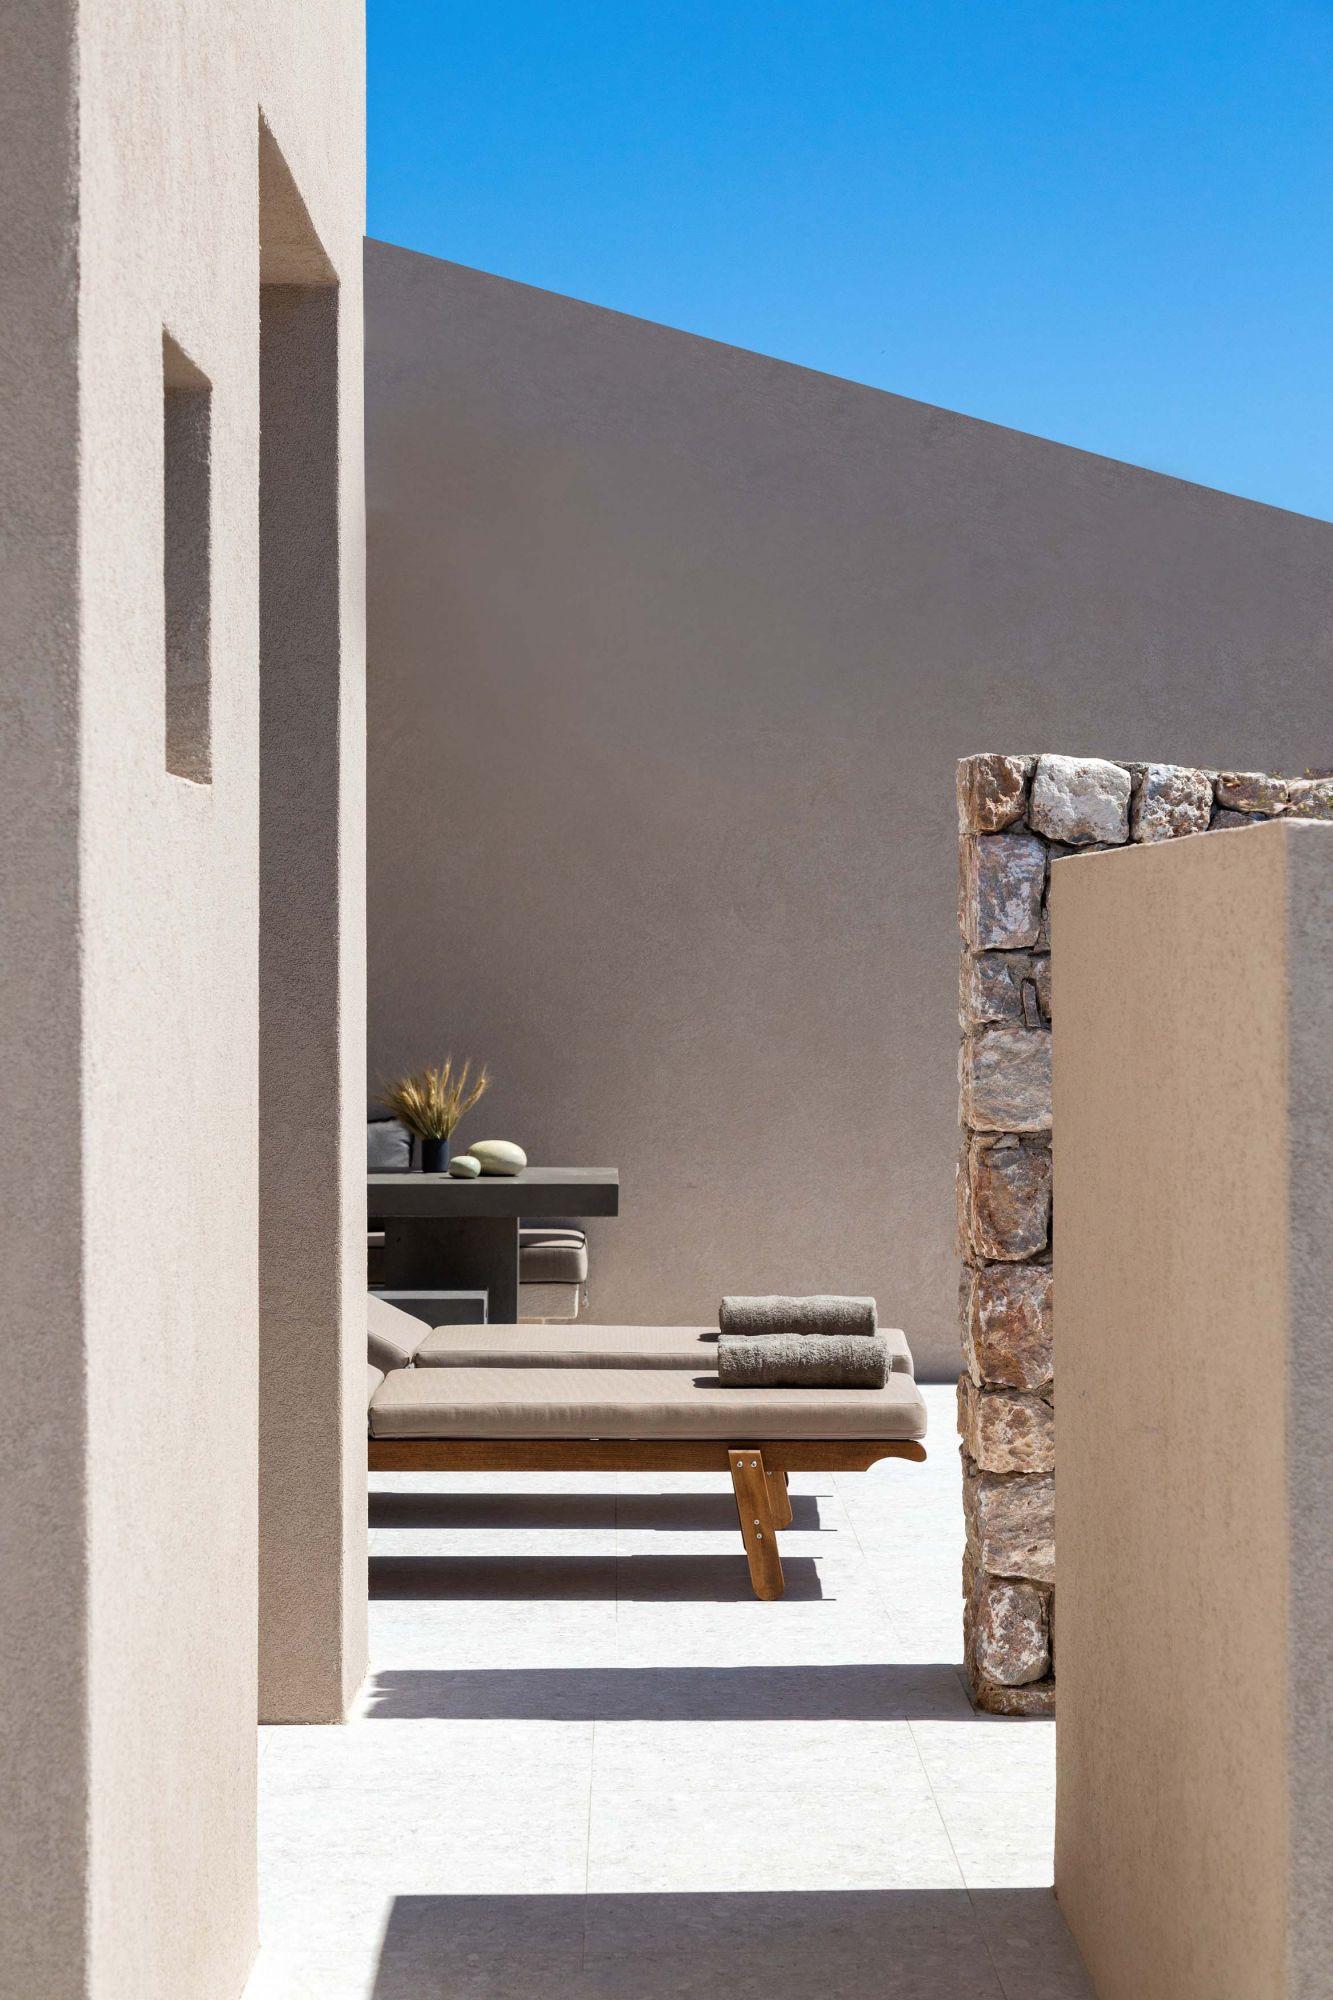 Οι μοντέρνες βίλες καθορίζονται από καθαρές γραμμές και μινιμαλιστικό σχεδιασμό (ευγενική προσφορά του Santorini Sky)